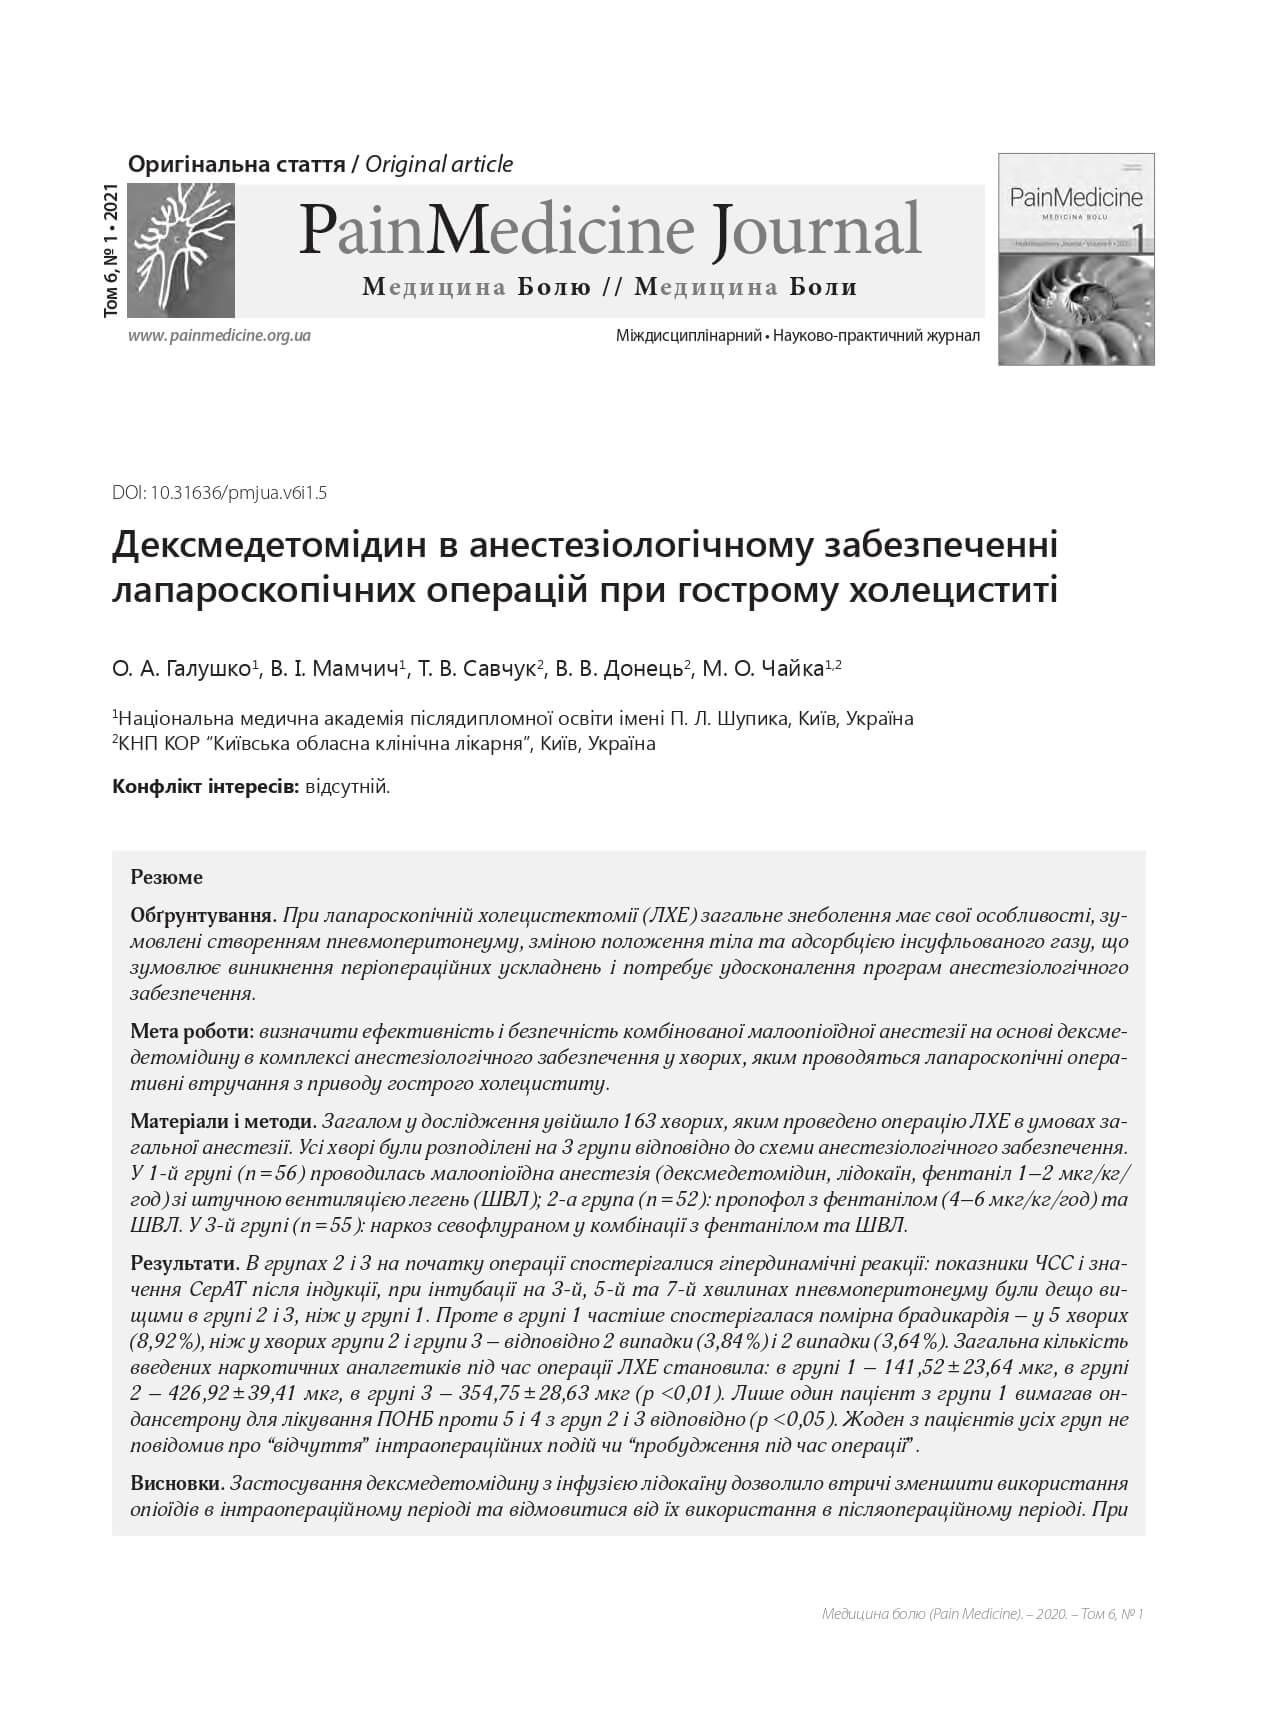 Дексмедетомідин в анестезіологічному забезпеченні  лапароскопічних операцій при гострому холециститі